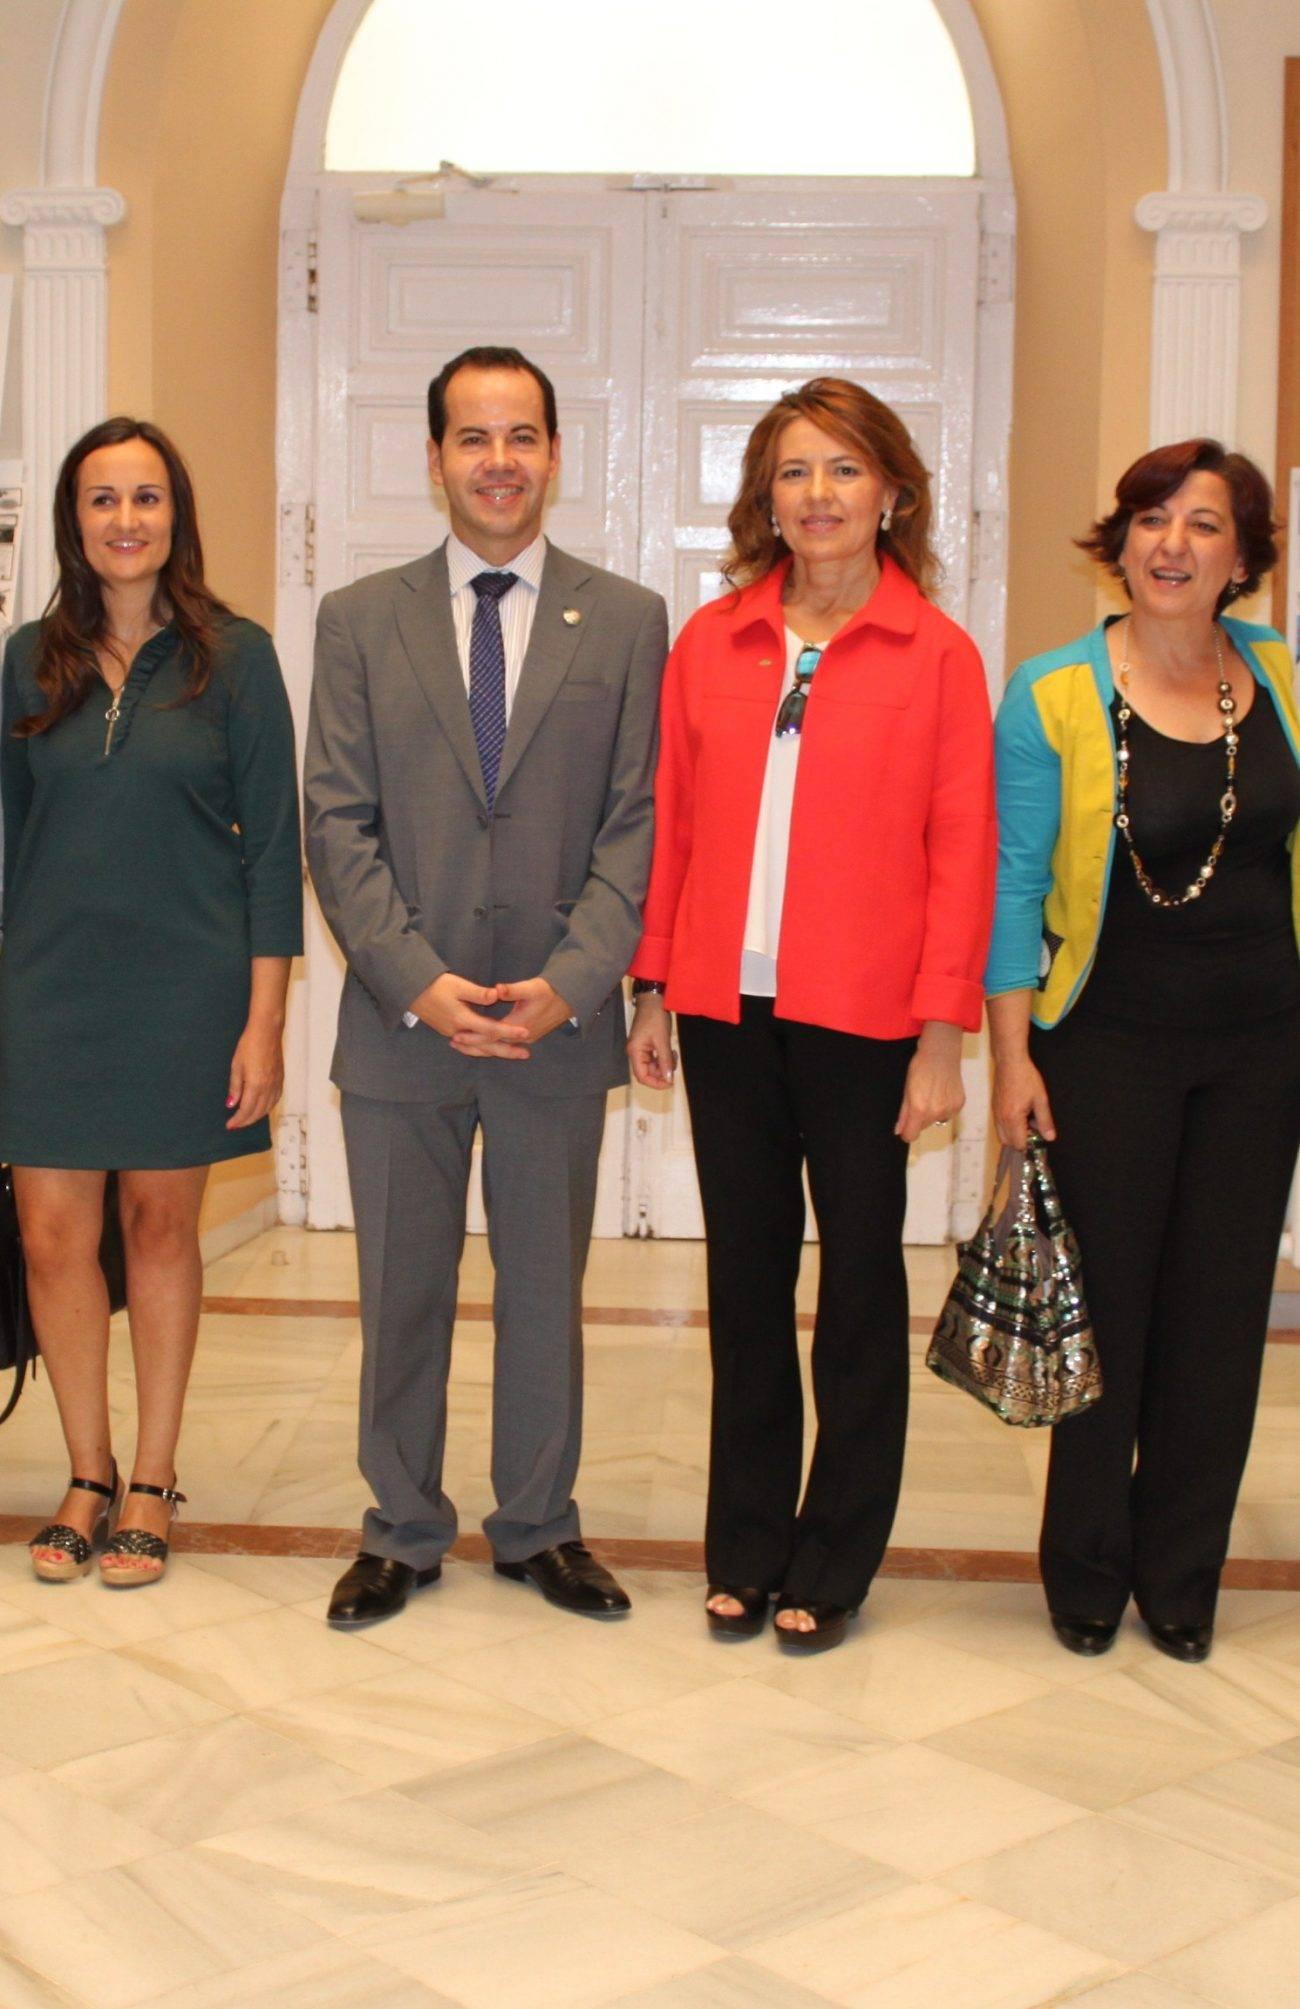 el alcalde con la consejera de servicios sociales - Ratificado el convenio del Plan Concertado de Servicios Sociales de Herencia